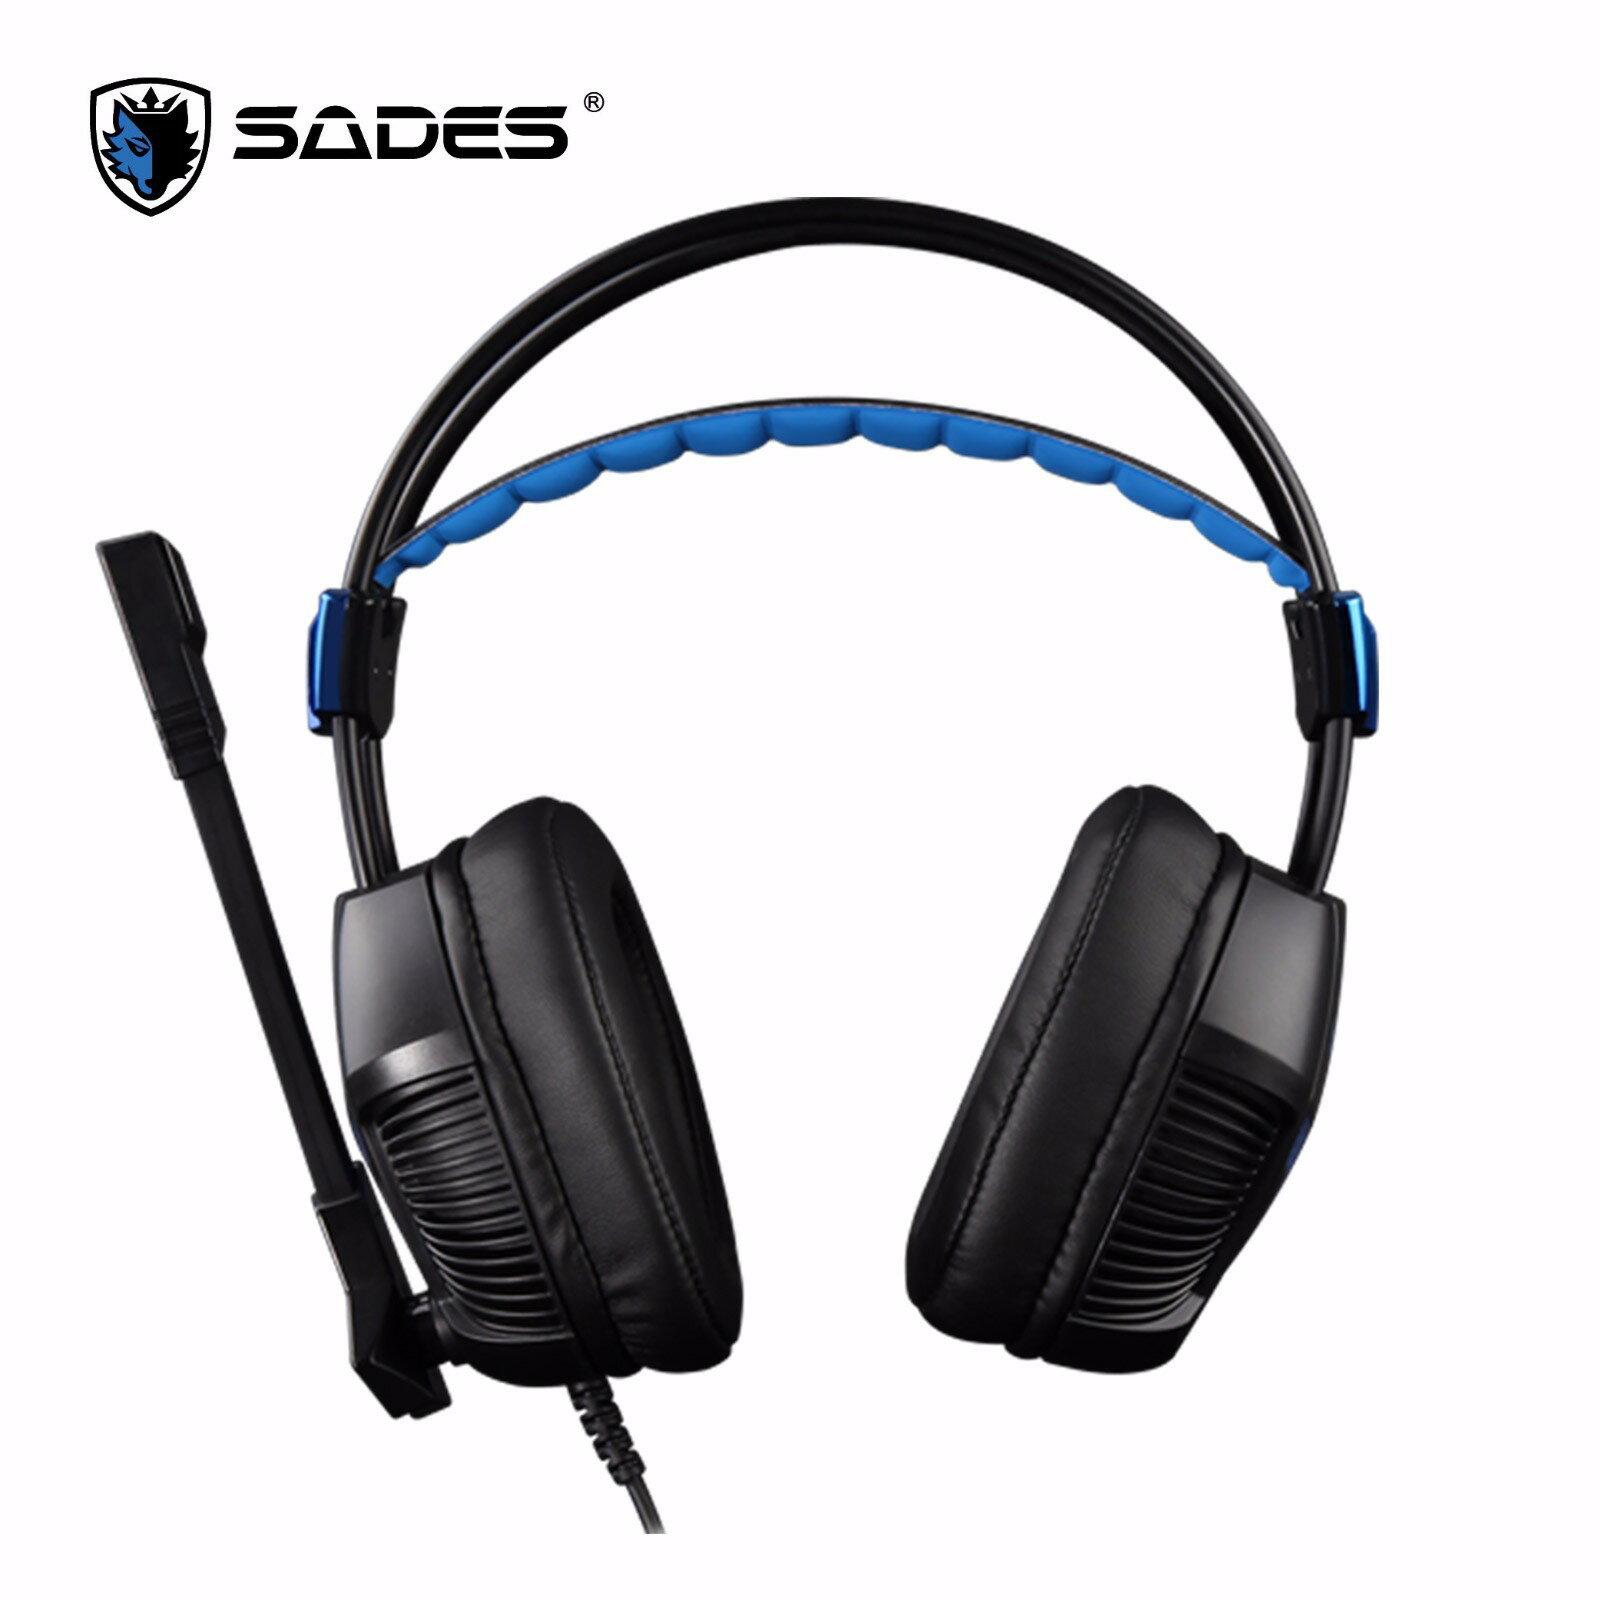 【迪特軍3C】賽德斯 SADES Xpower S 極限之力S 遊戲耳機 電競耳機 電競耳